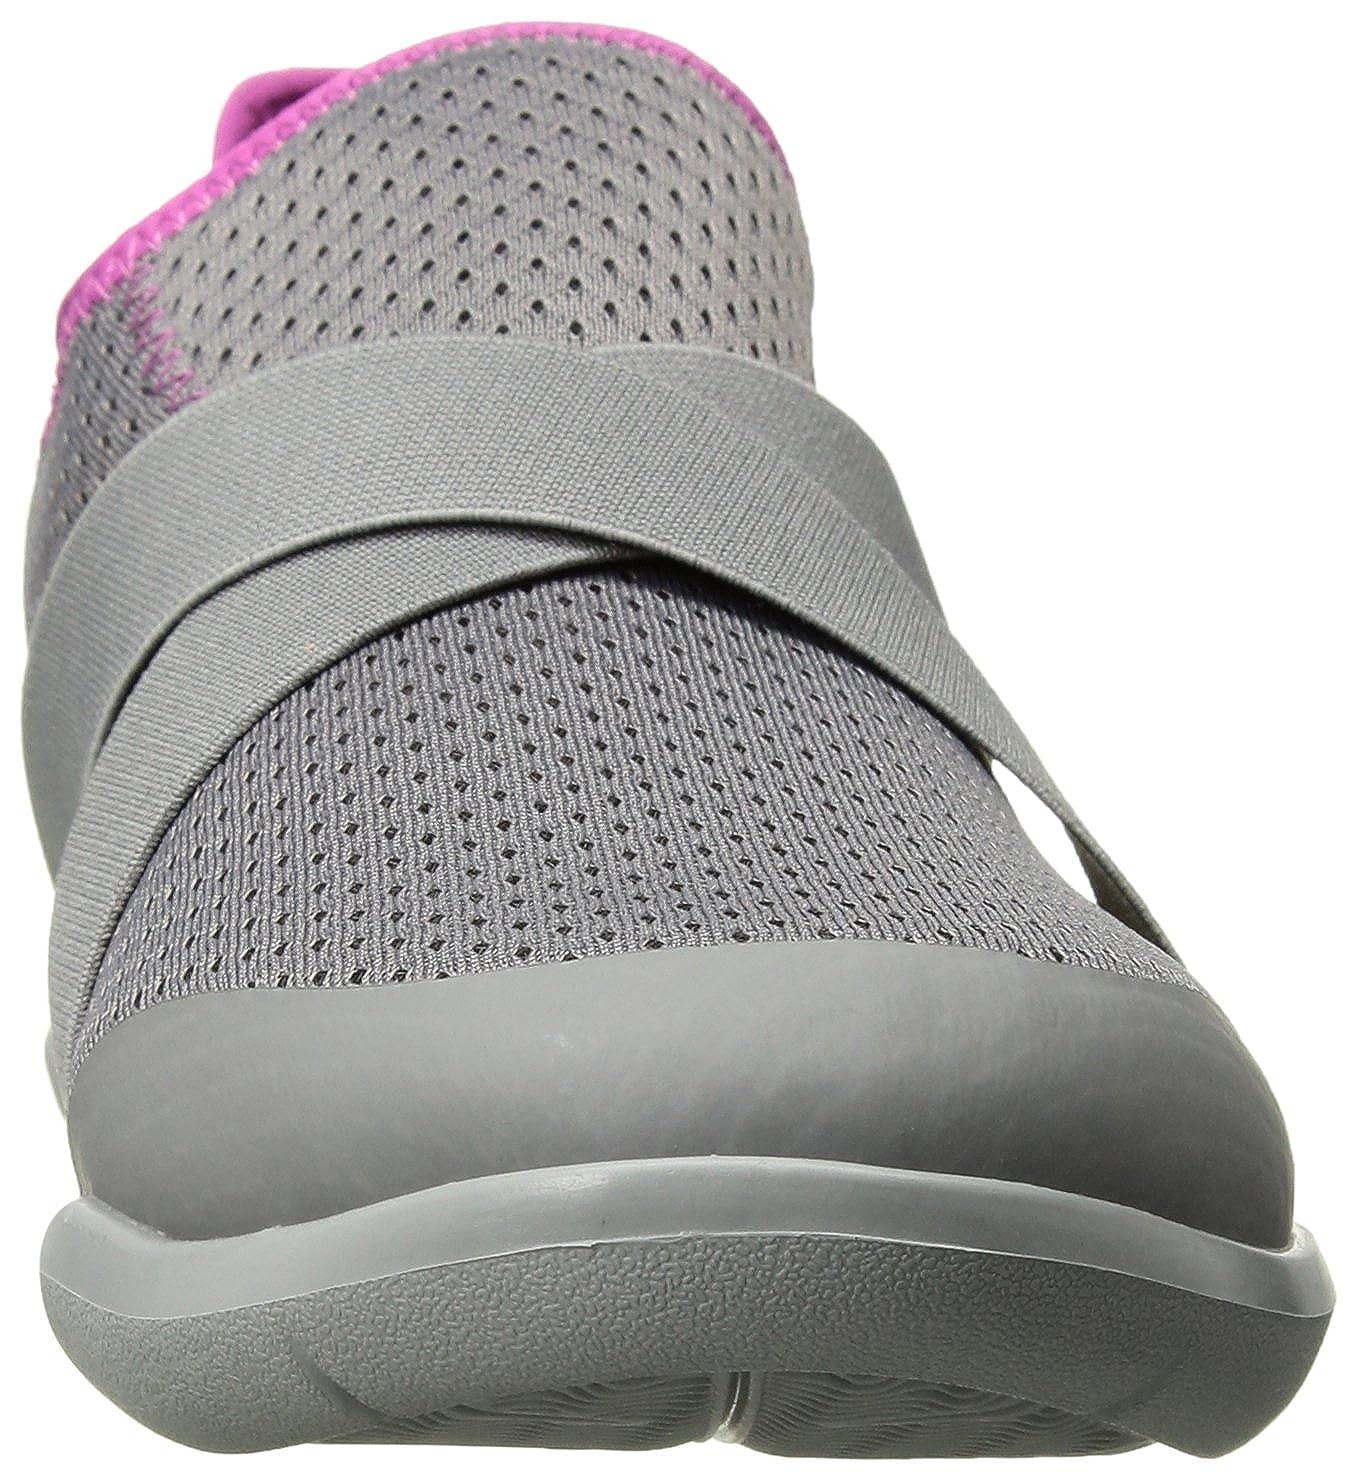 Crocs Damen Swiftwater X-Strap Pantoletten, Pantoletten, X-Strap schwarz Smoke/Light Grau 0faf2a